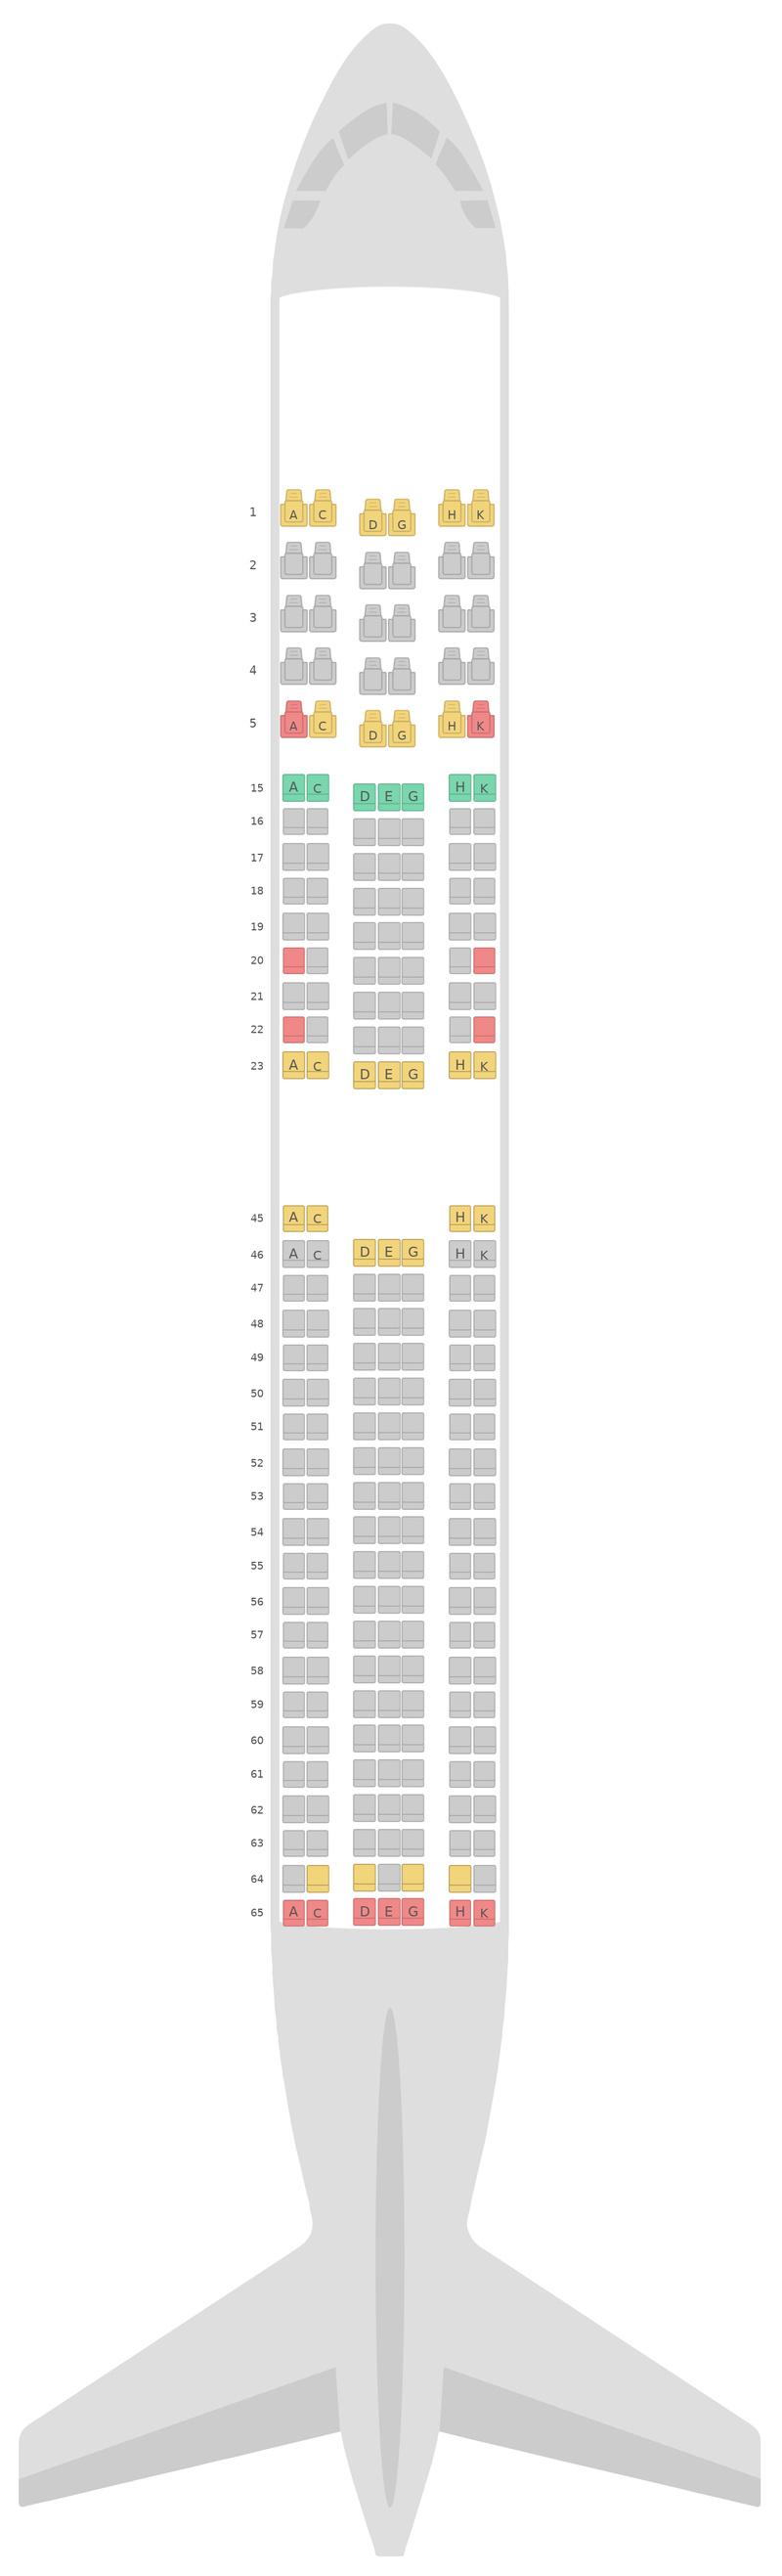 Mapa de asientos Boeing 767-300ER v3 Japan Airlines (JAL)